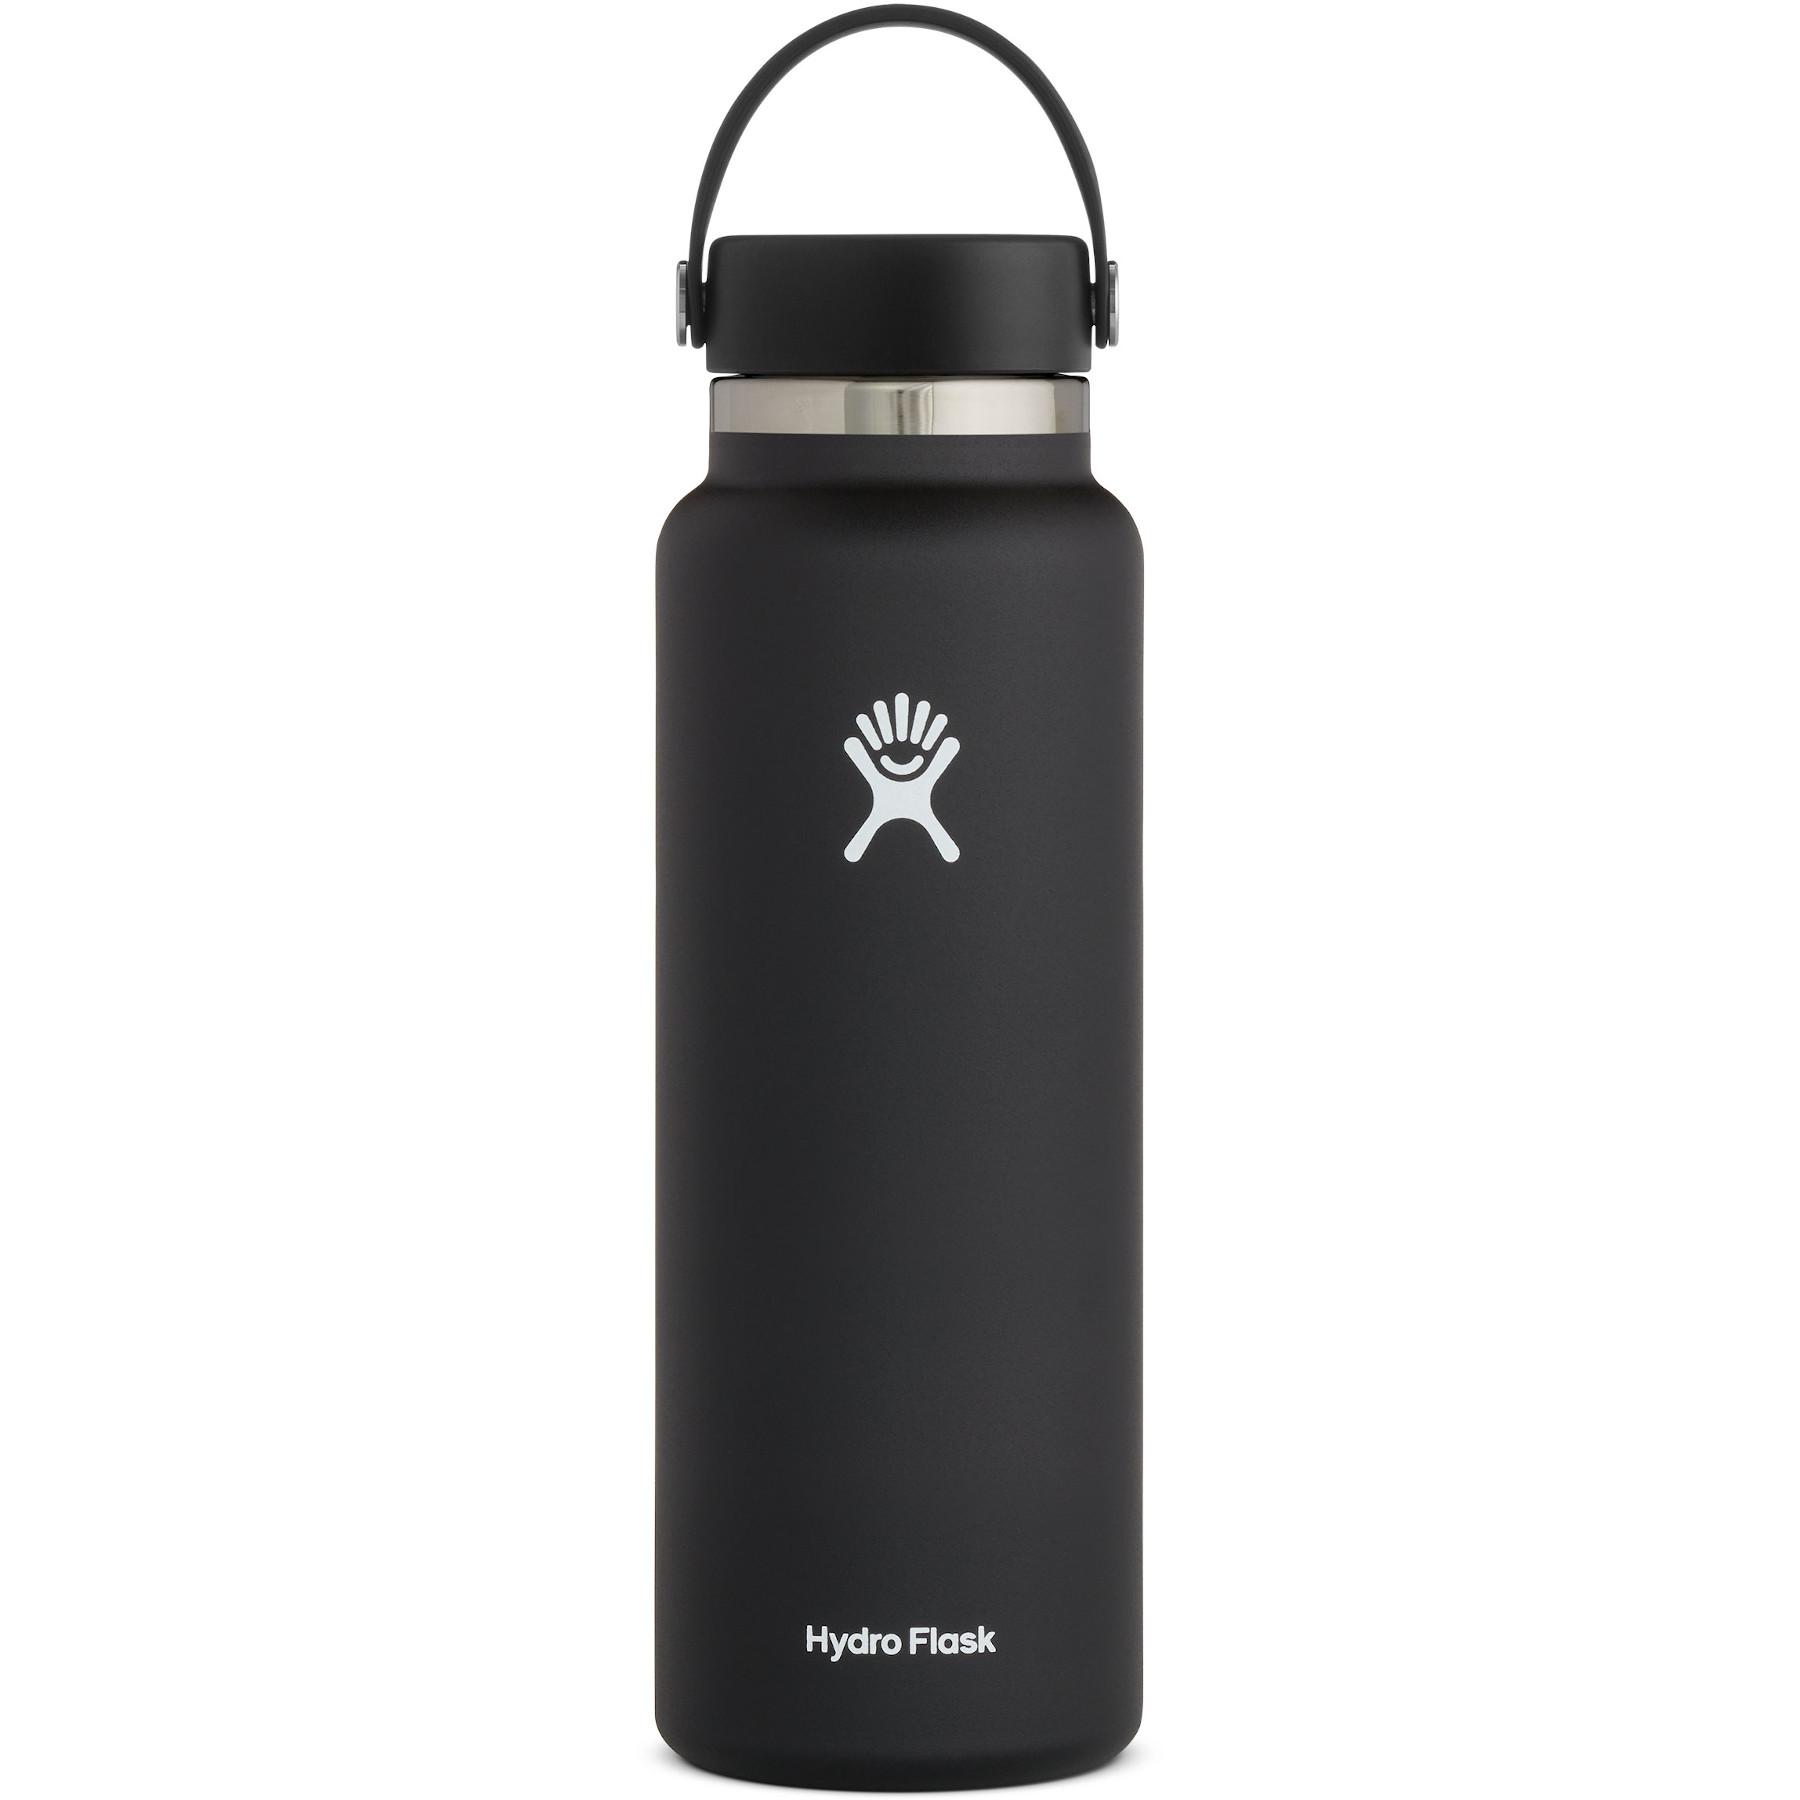 Bild von Hydro Flask 40 oz Wide Mouth mit Flex Cap 2.0 Thermoflasche 1182 ml - Black